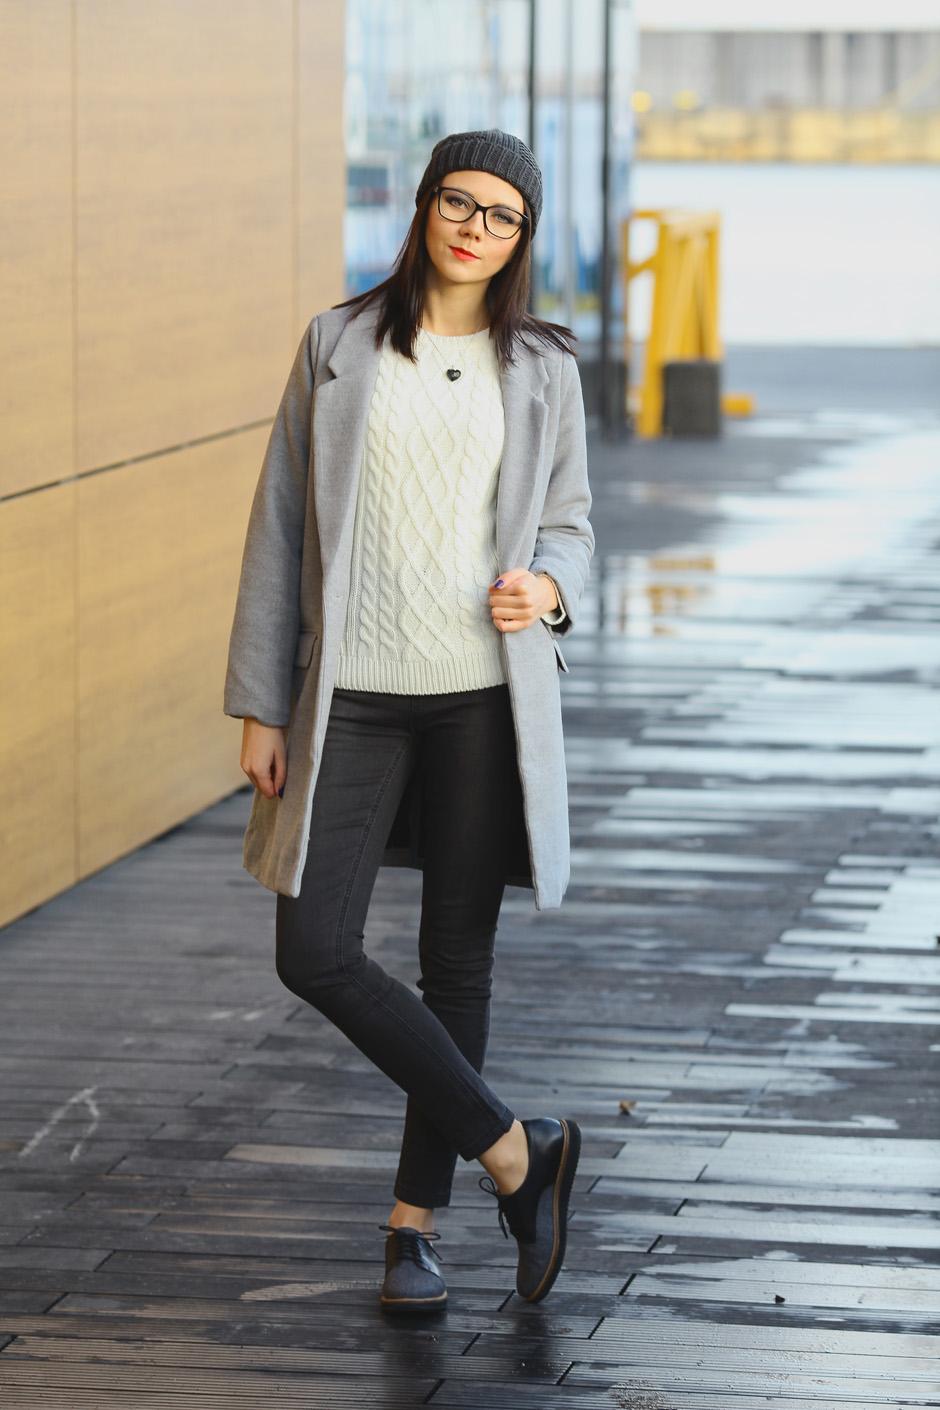 zimowa-stylizacja-filcowe-buty-clarks-bialy-sweter-i-wisior-z-wegla-9